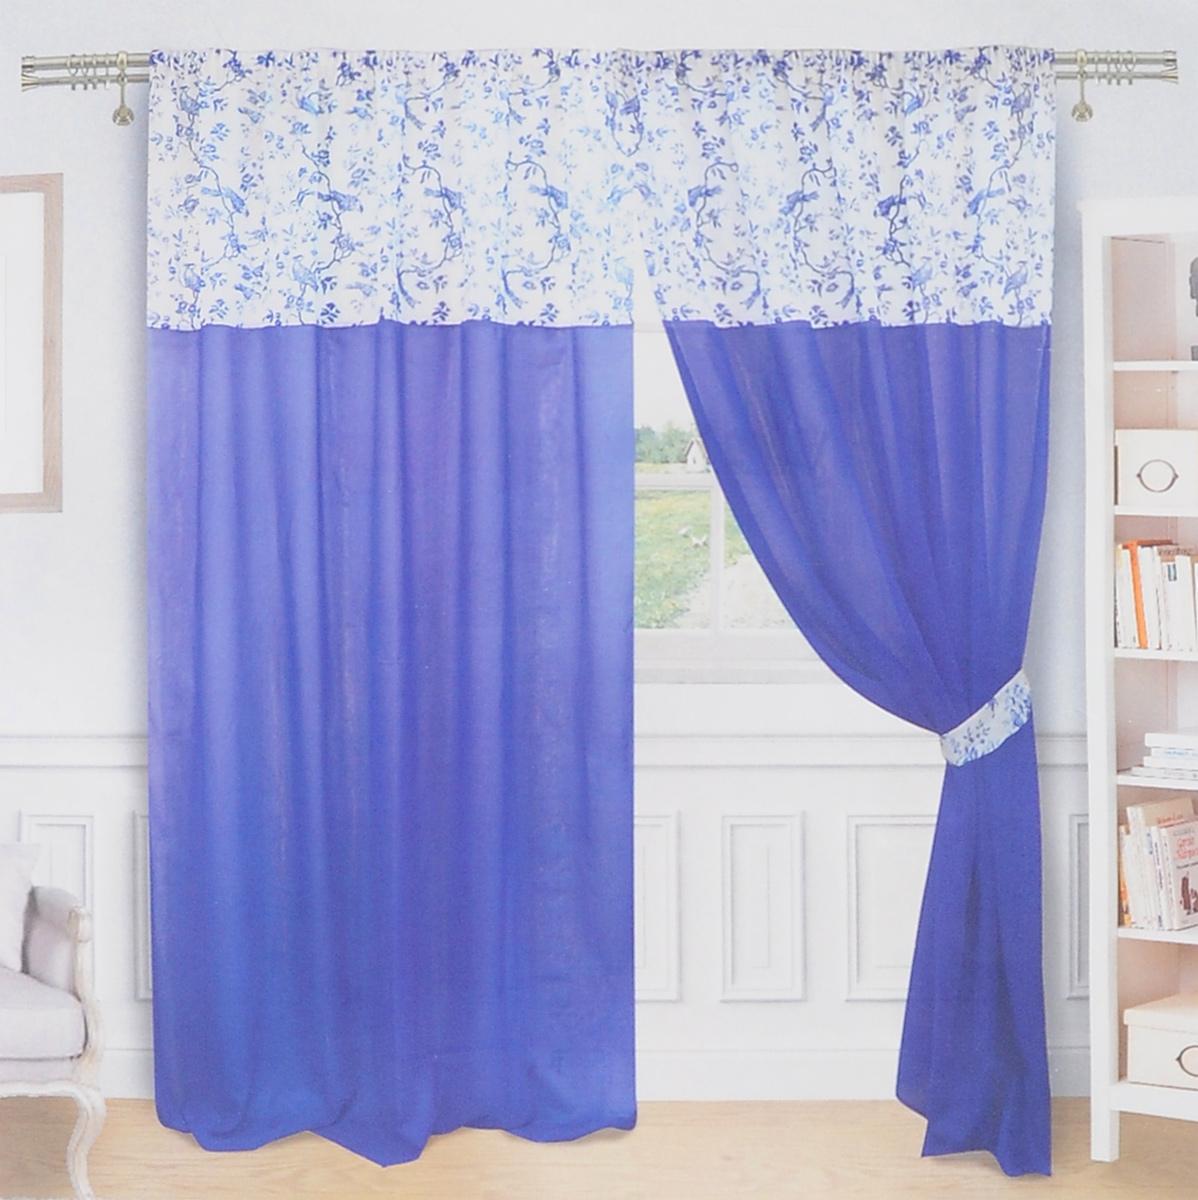 Комплект штор Zlata Korunka, на ленте, цвет: синий, белый, высота 250 см. 55571UN111256660Роскошный комплект Zlata Korunka, выполненный из льна и полиэстера, великолепно украсит любое окно. Комплект состоит из двух портьер и двух подхватов. Плотная ткань и приятная, приглушенная цветовая гамма привлекут к себе внимание и органично впишутся в интерьер помещения. Комплект крепится на карниз при помощи шторной ленты, которая поможет красиво и равномерно задрапировать верх. Портьеры можно зафиксировать в одном положении с помощью двух подхватов. Этот комплект будет долгое время радовать вас и вашу семью! В комплект входит: Портьера: 2 шт. Размер (ШхВ): 180 см х 250 см. Подхват: 2 шт. Размер (ШхВ): 65 см х 9,5 см.